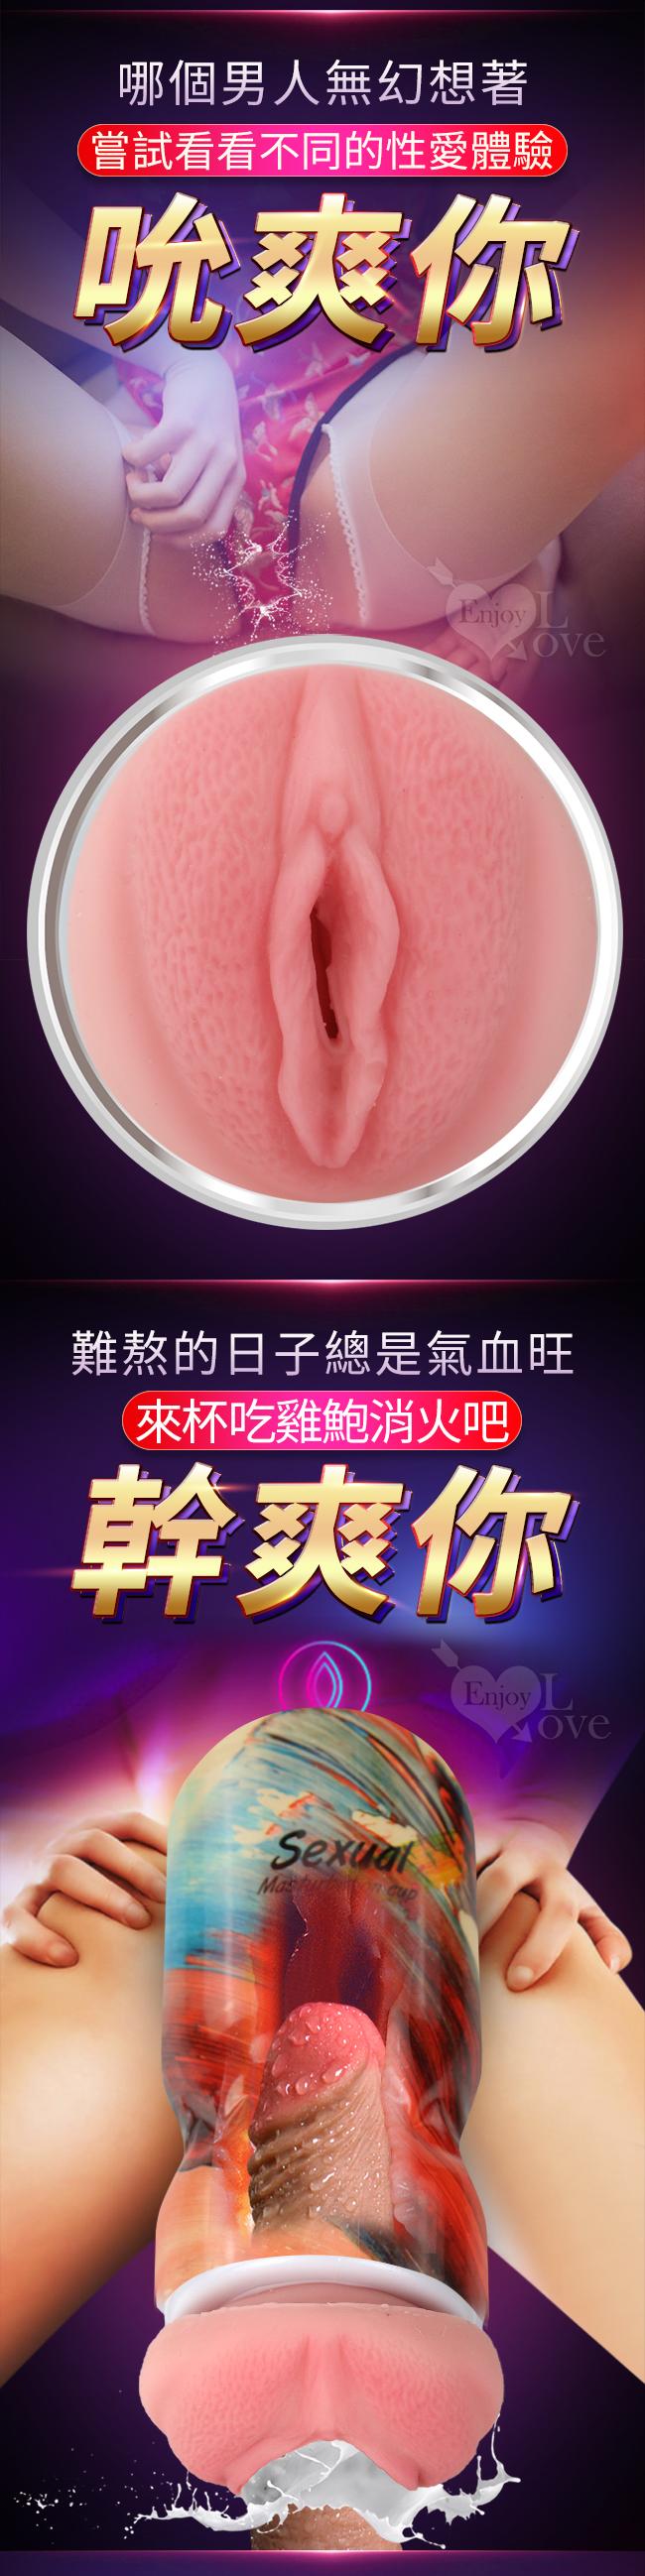 Sexual 血色蒼芎 老二吃雞杯﹝陰道3層極性構造﹞-商品詳細圖-4